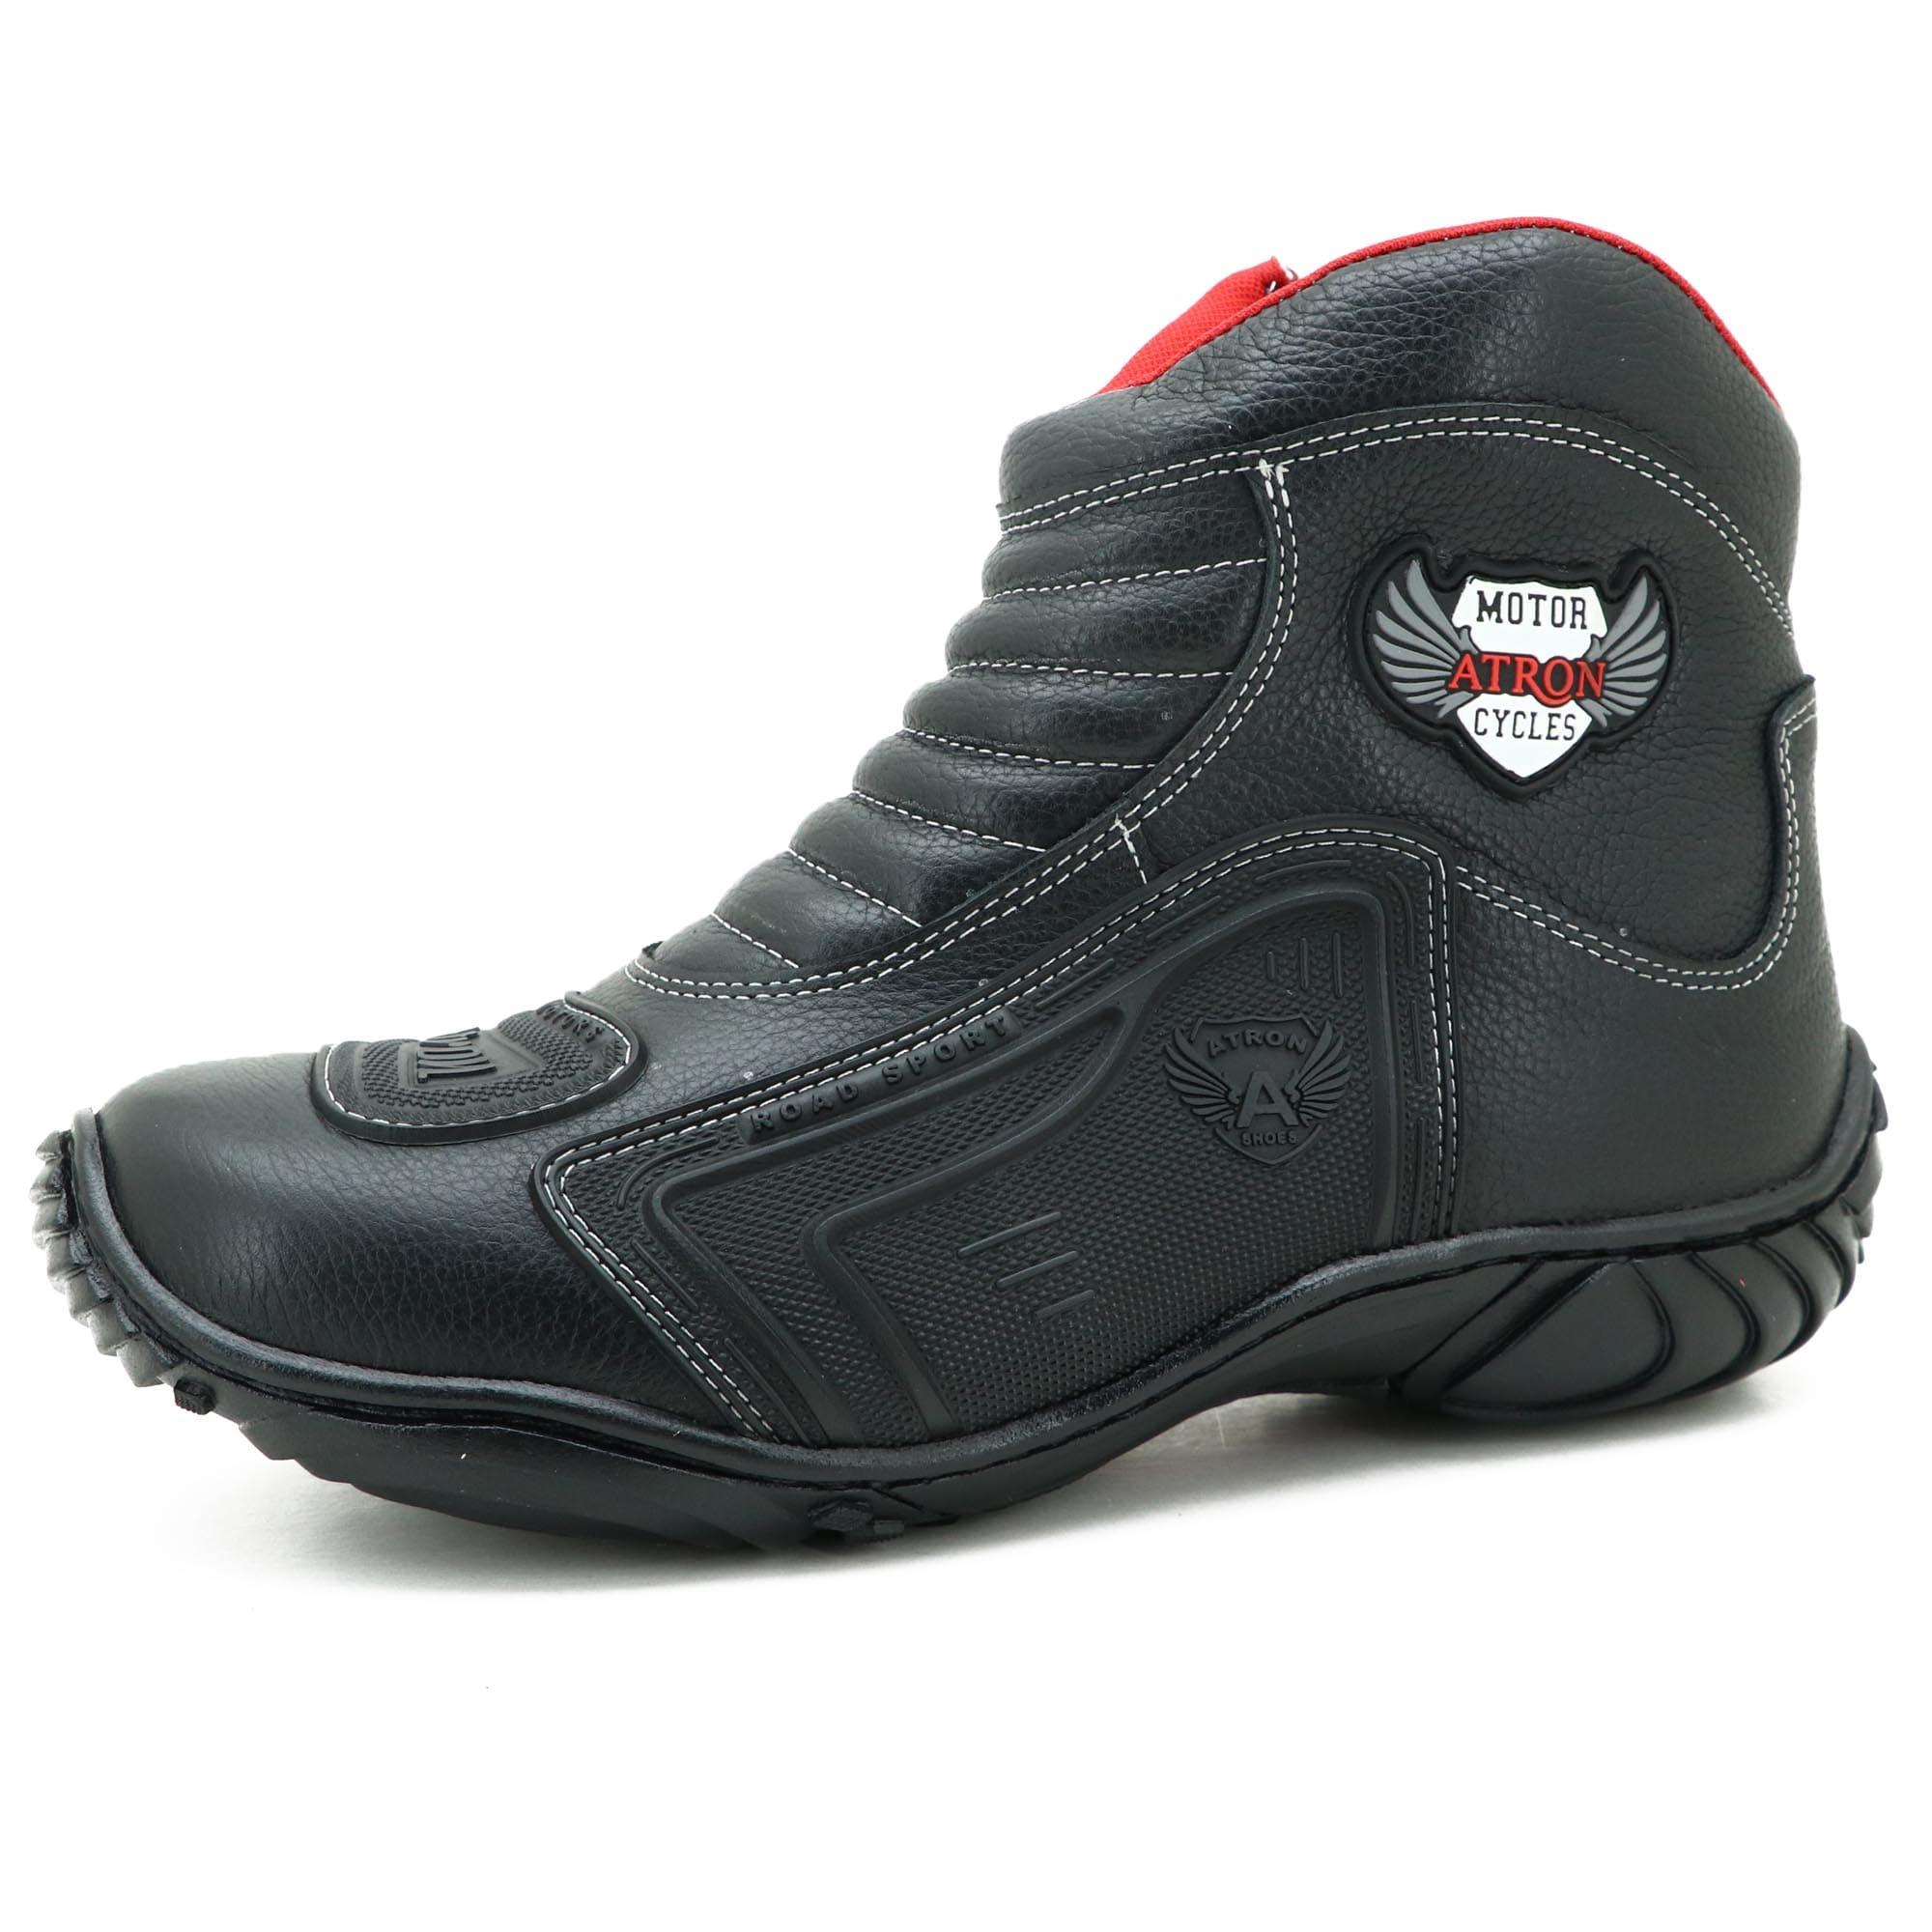 Bota para motociclista preta com borracha 283